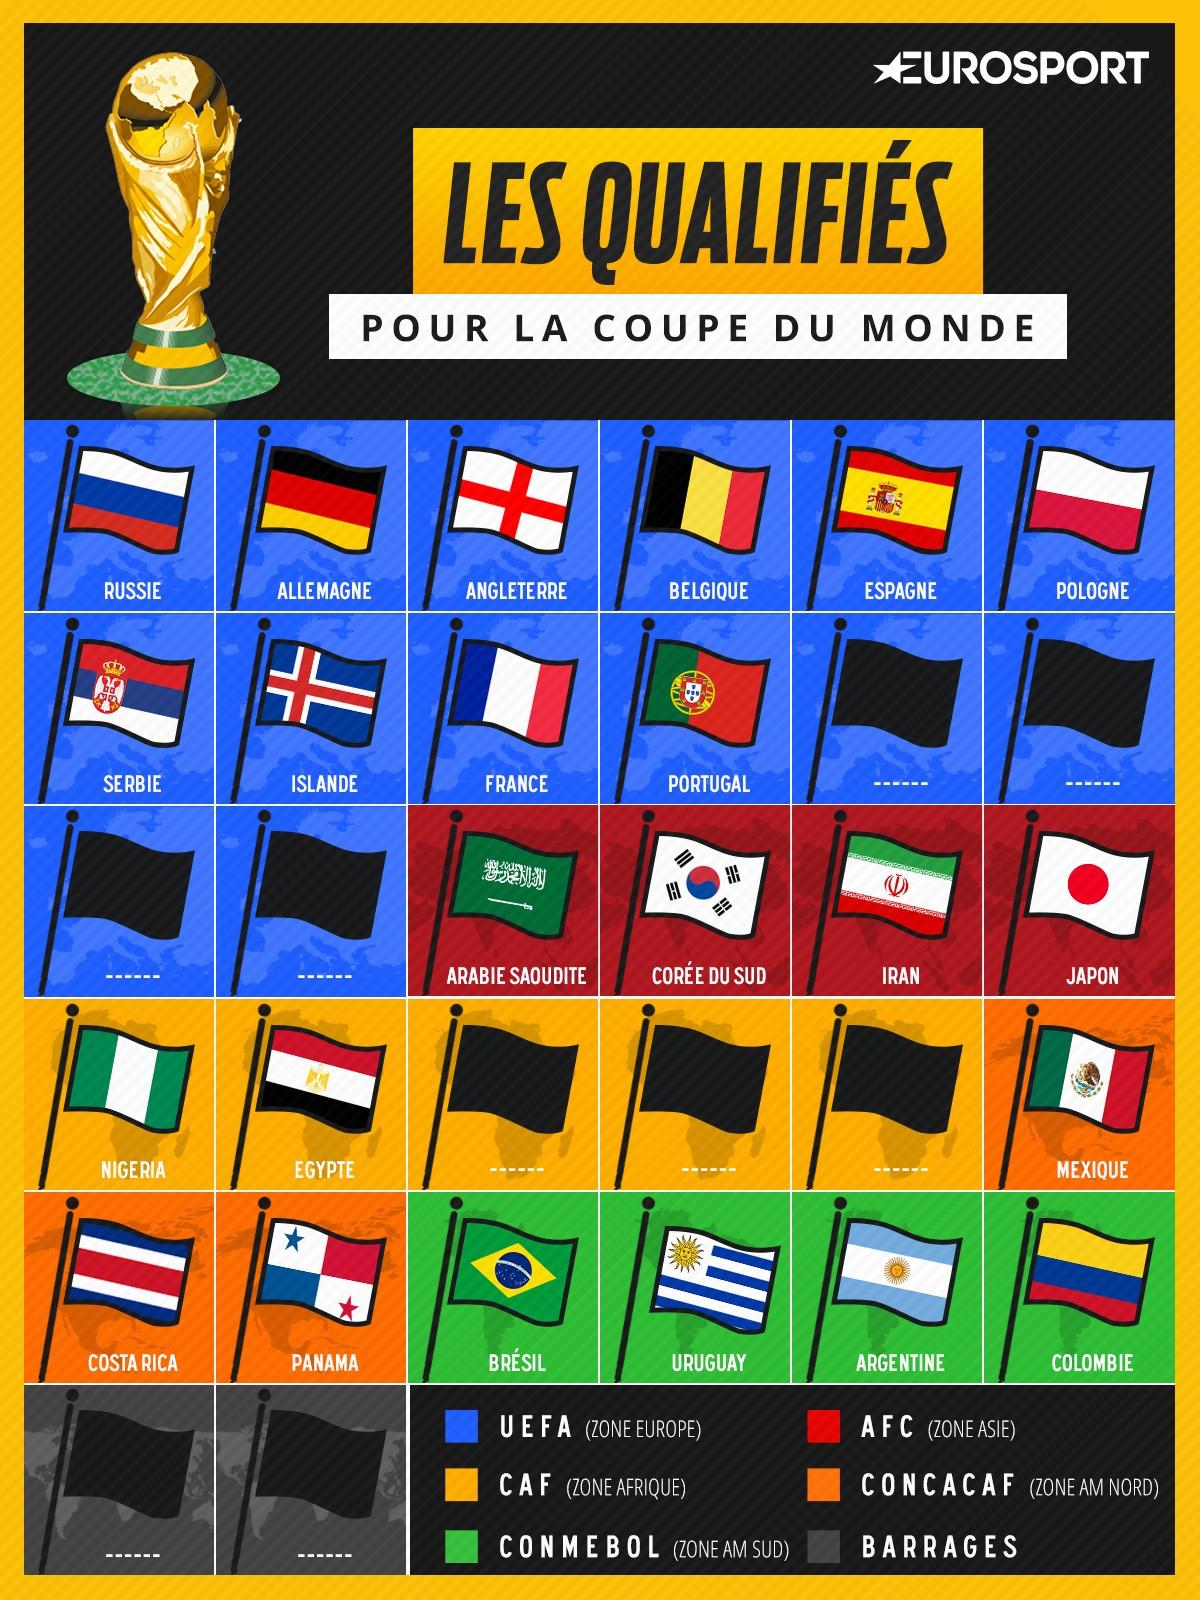 Les qualifi s le champion d 39 europe et son dauphin seront - Pays qualifies pour la coupe du monde ...